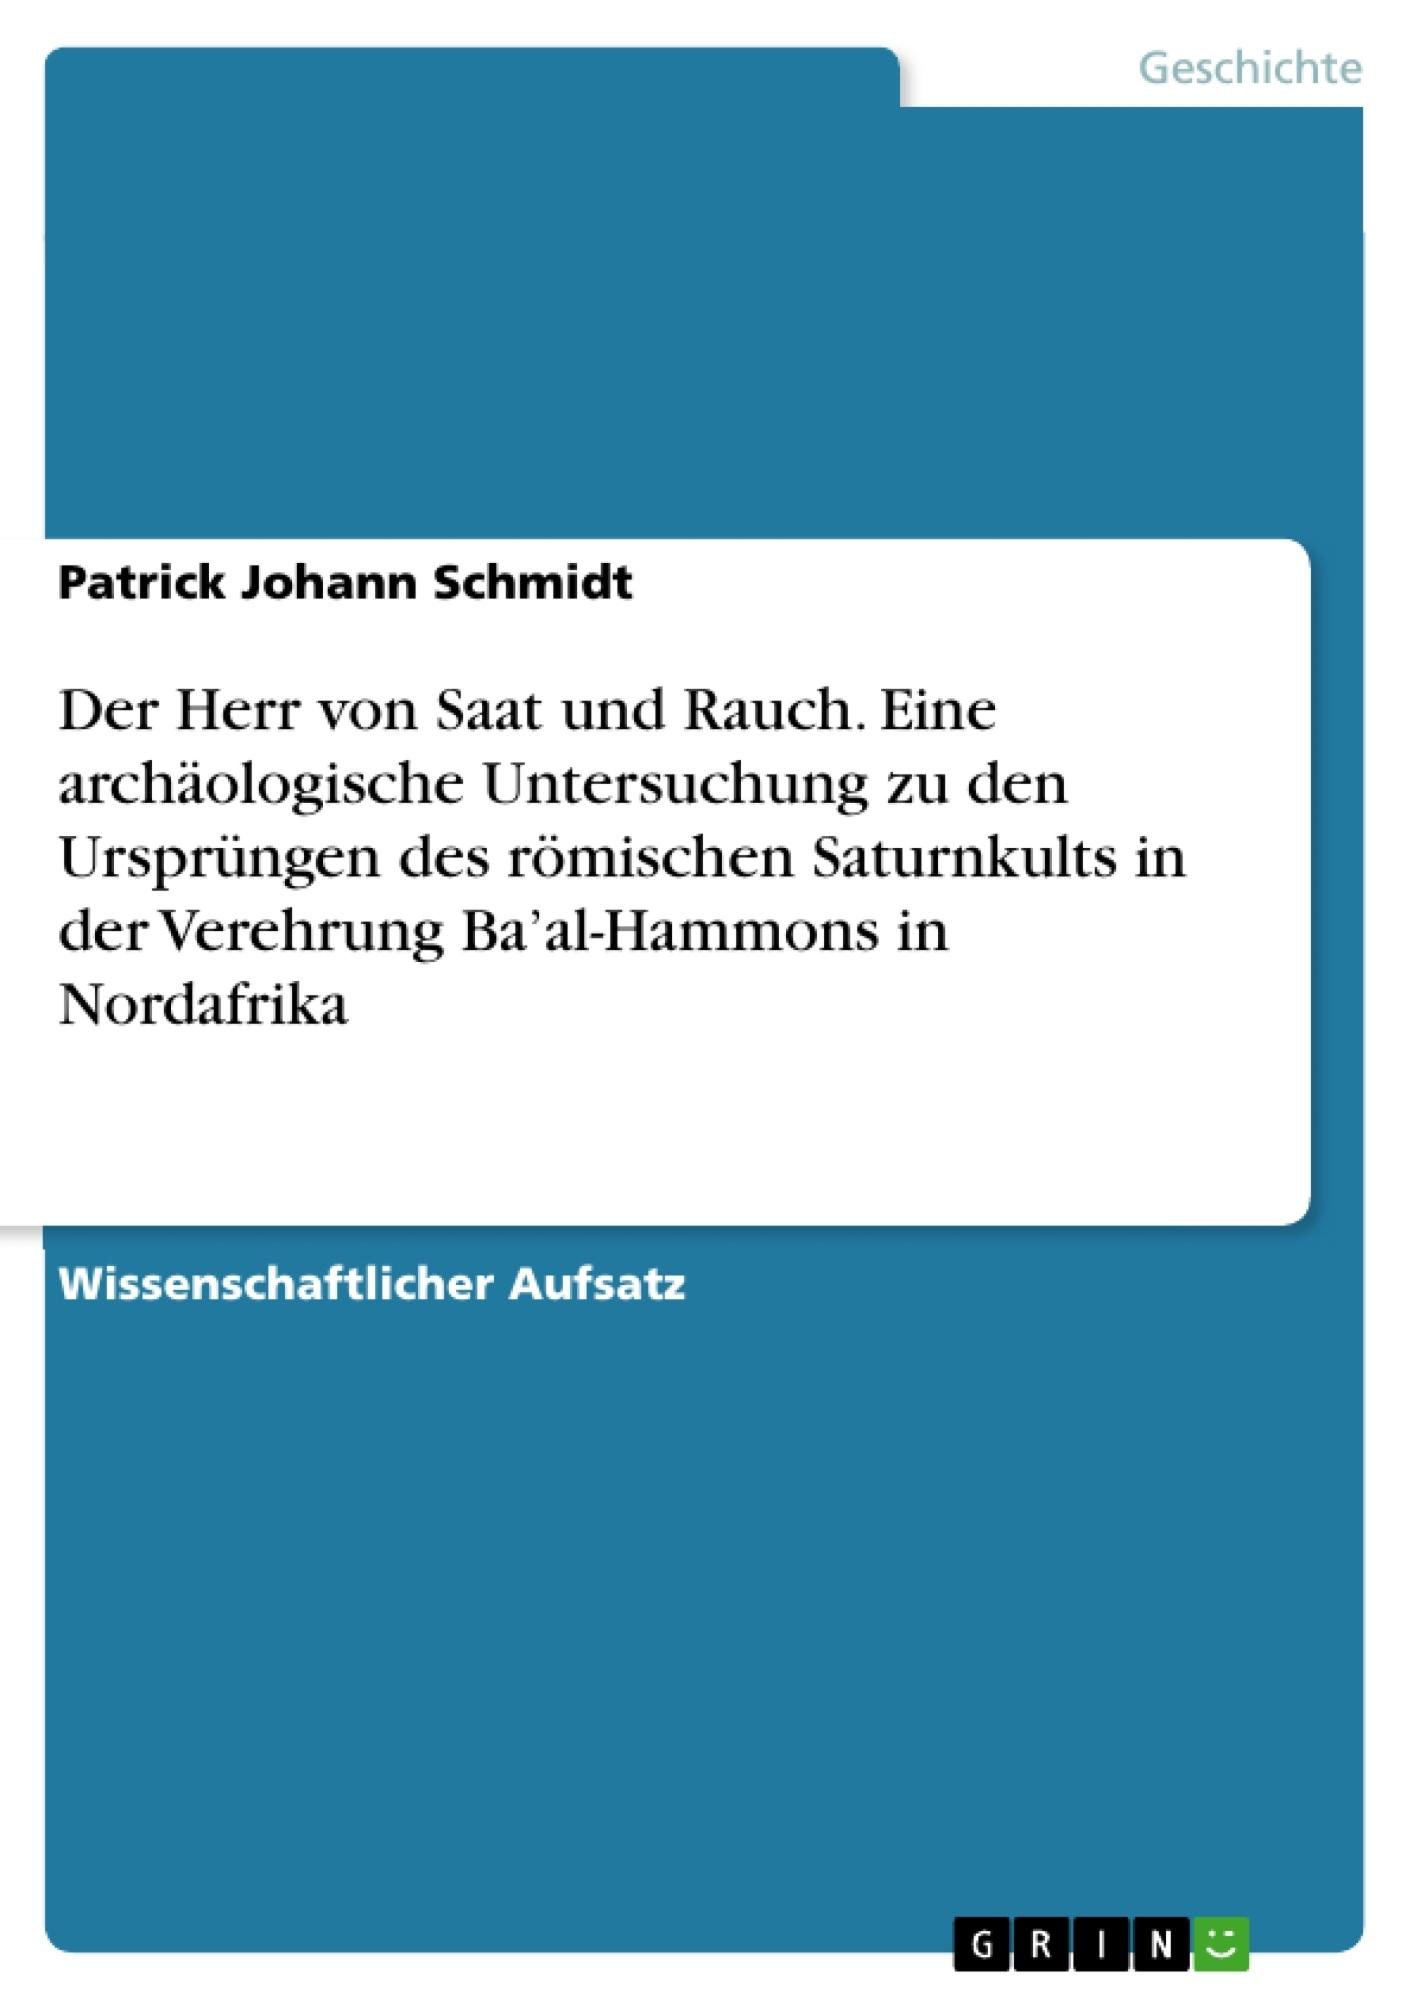 Titel: Der Herr von Saat und Rauch. Eine archäologische Untersuchung zu den Ursprüngen des römischen Saturnkults in der Verehrung Ba'al-Hammons in Nordafrika